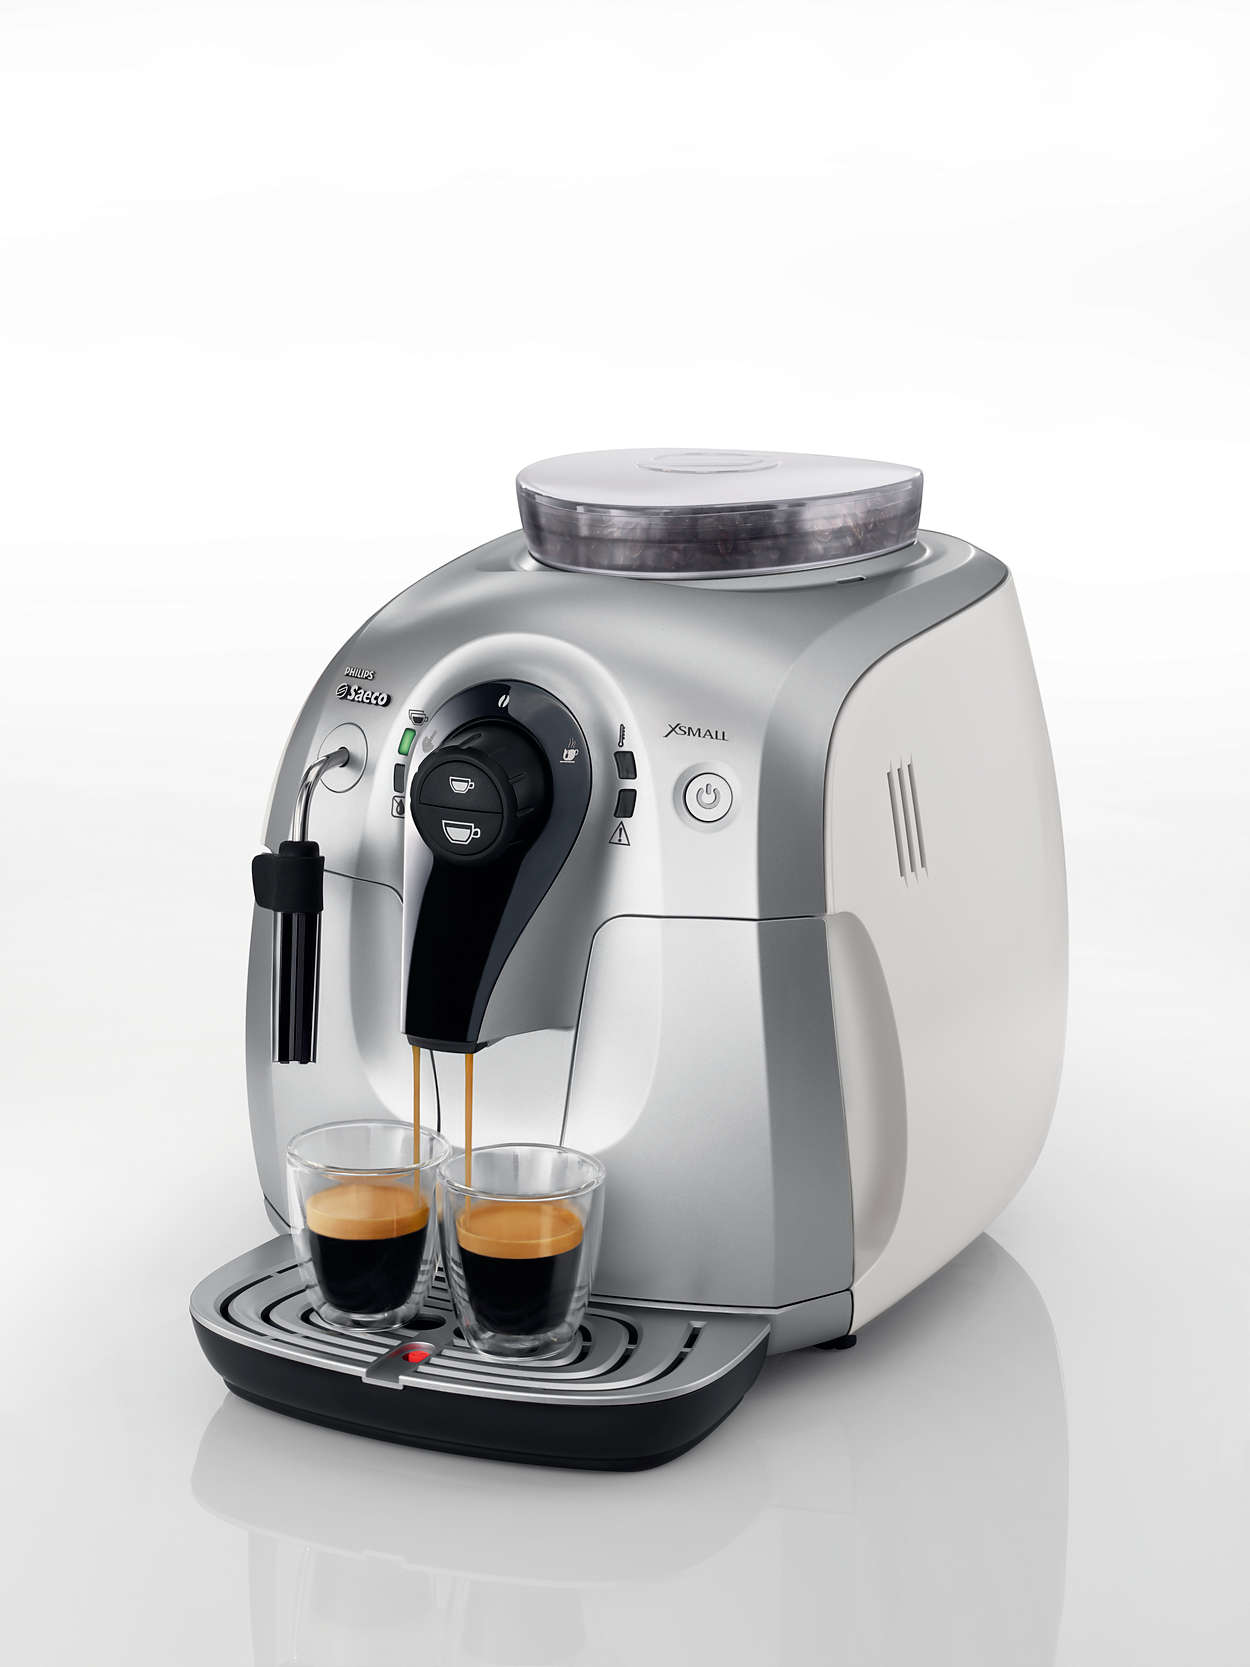 品嚐到鍾愛咖啡豆的濃郁香氣